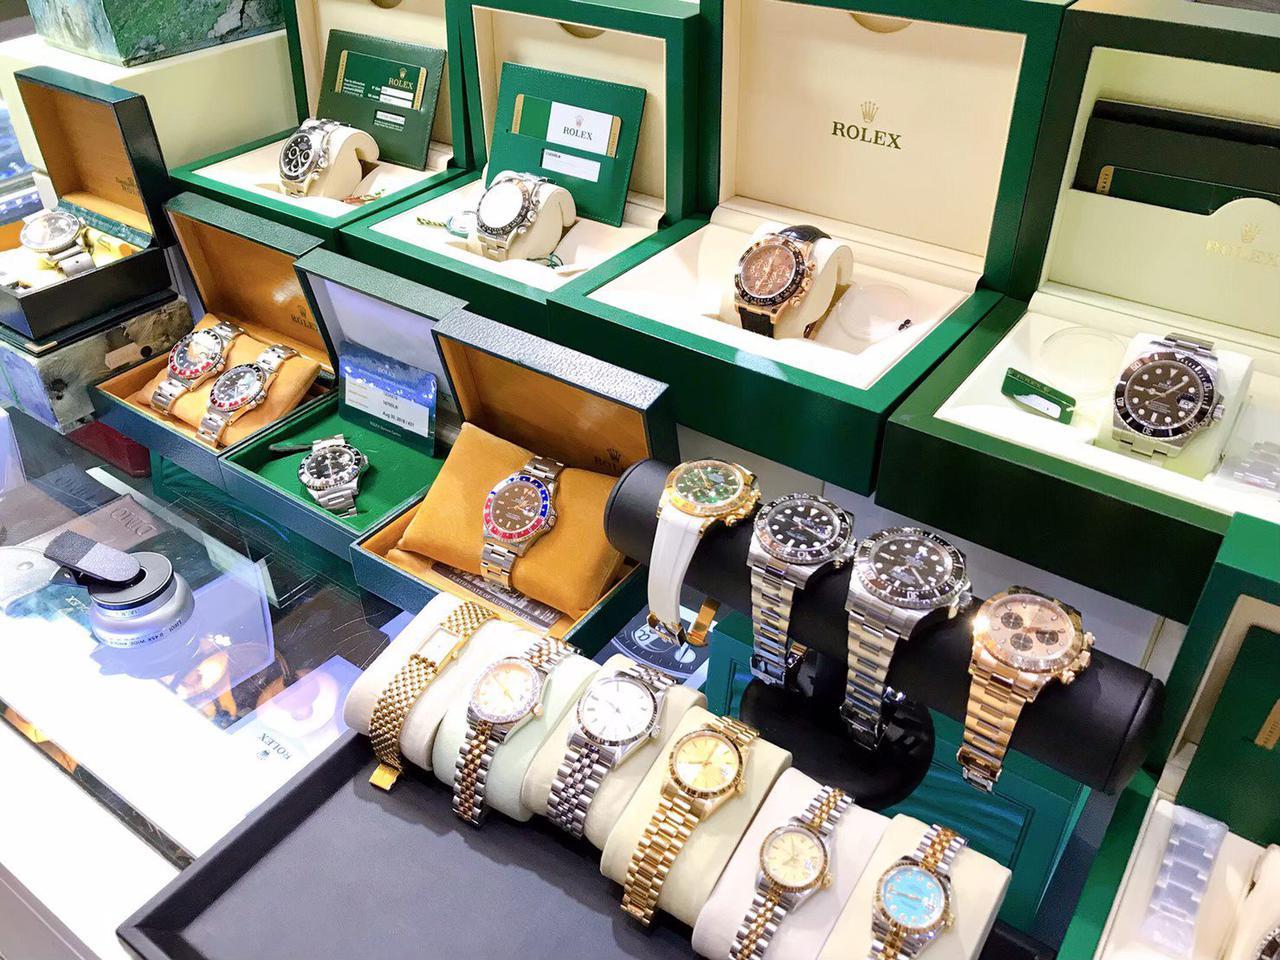 DIMO รับฝากขาย รับซื้อนาฬิกาแบรนด์เนมมือสองของแท้ ราคายุติธรรม รูปที่ 5